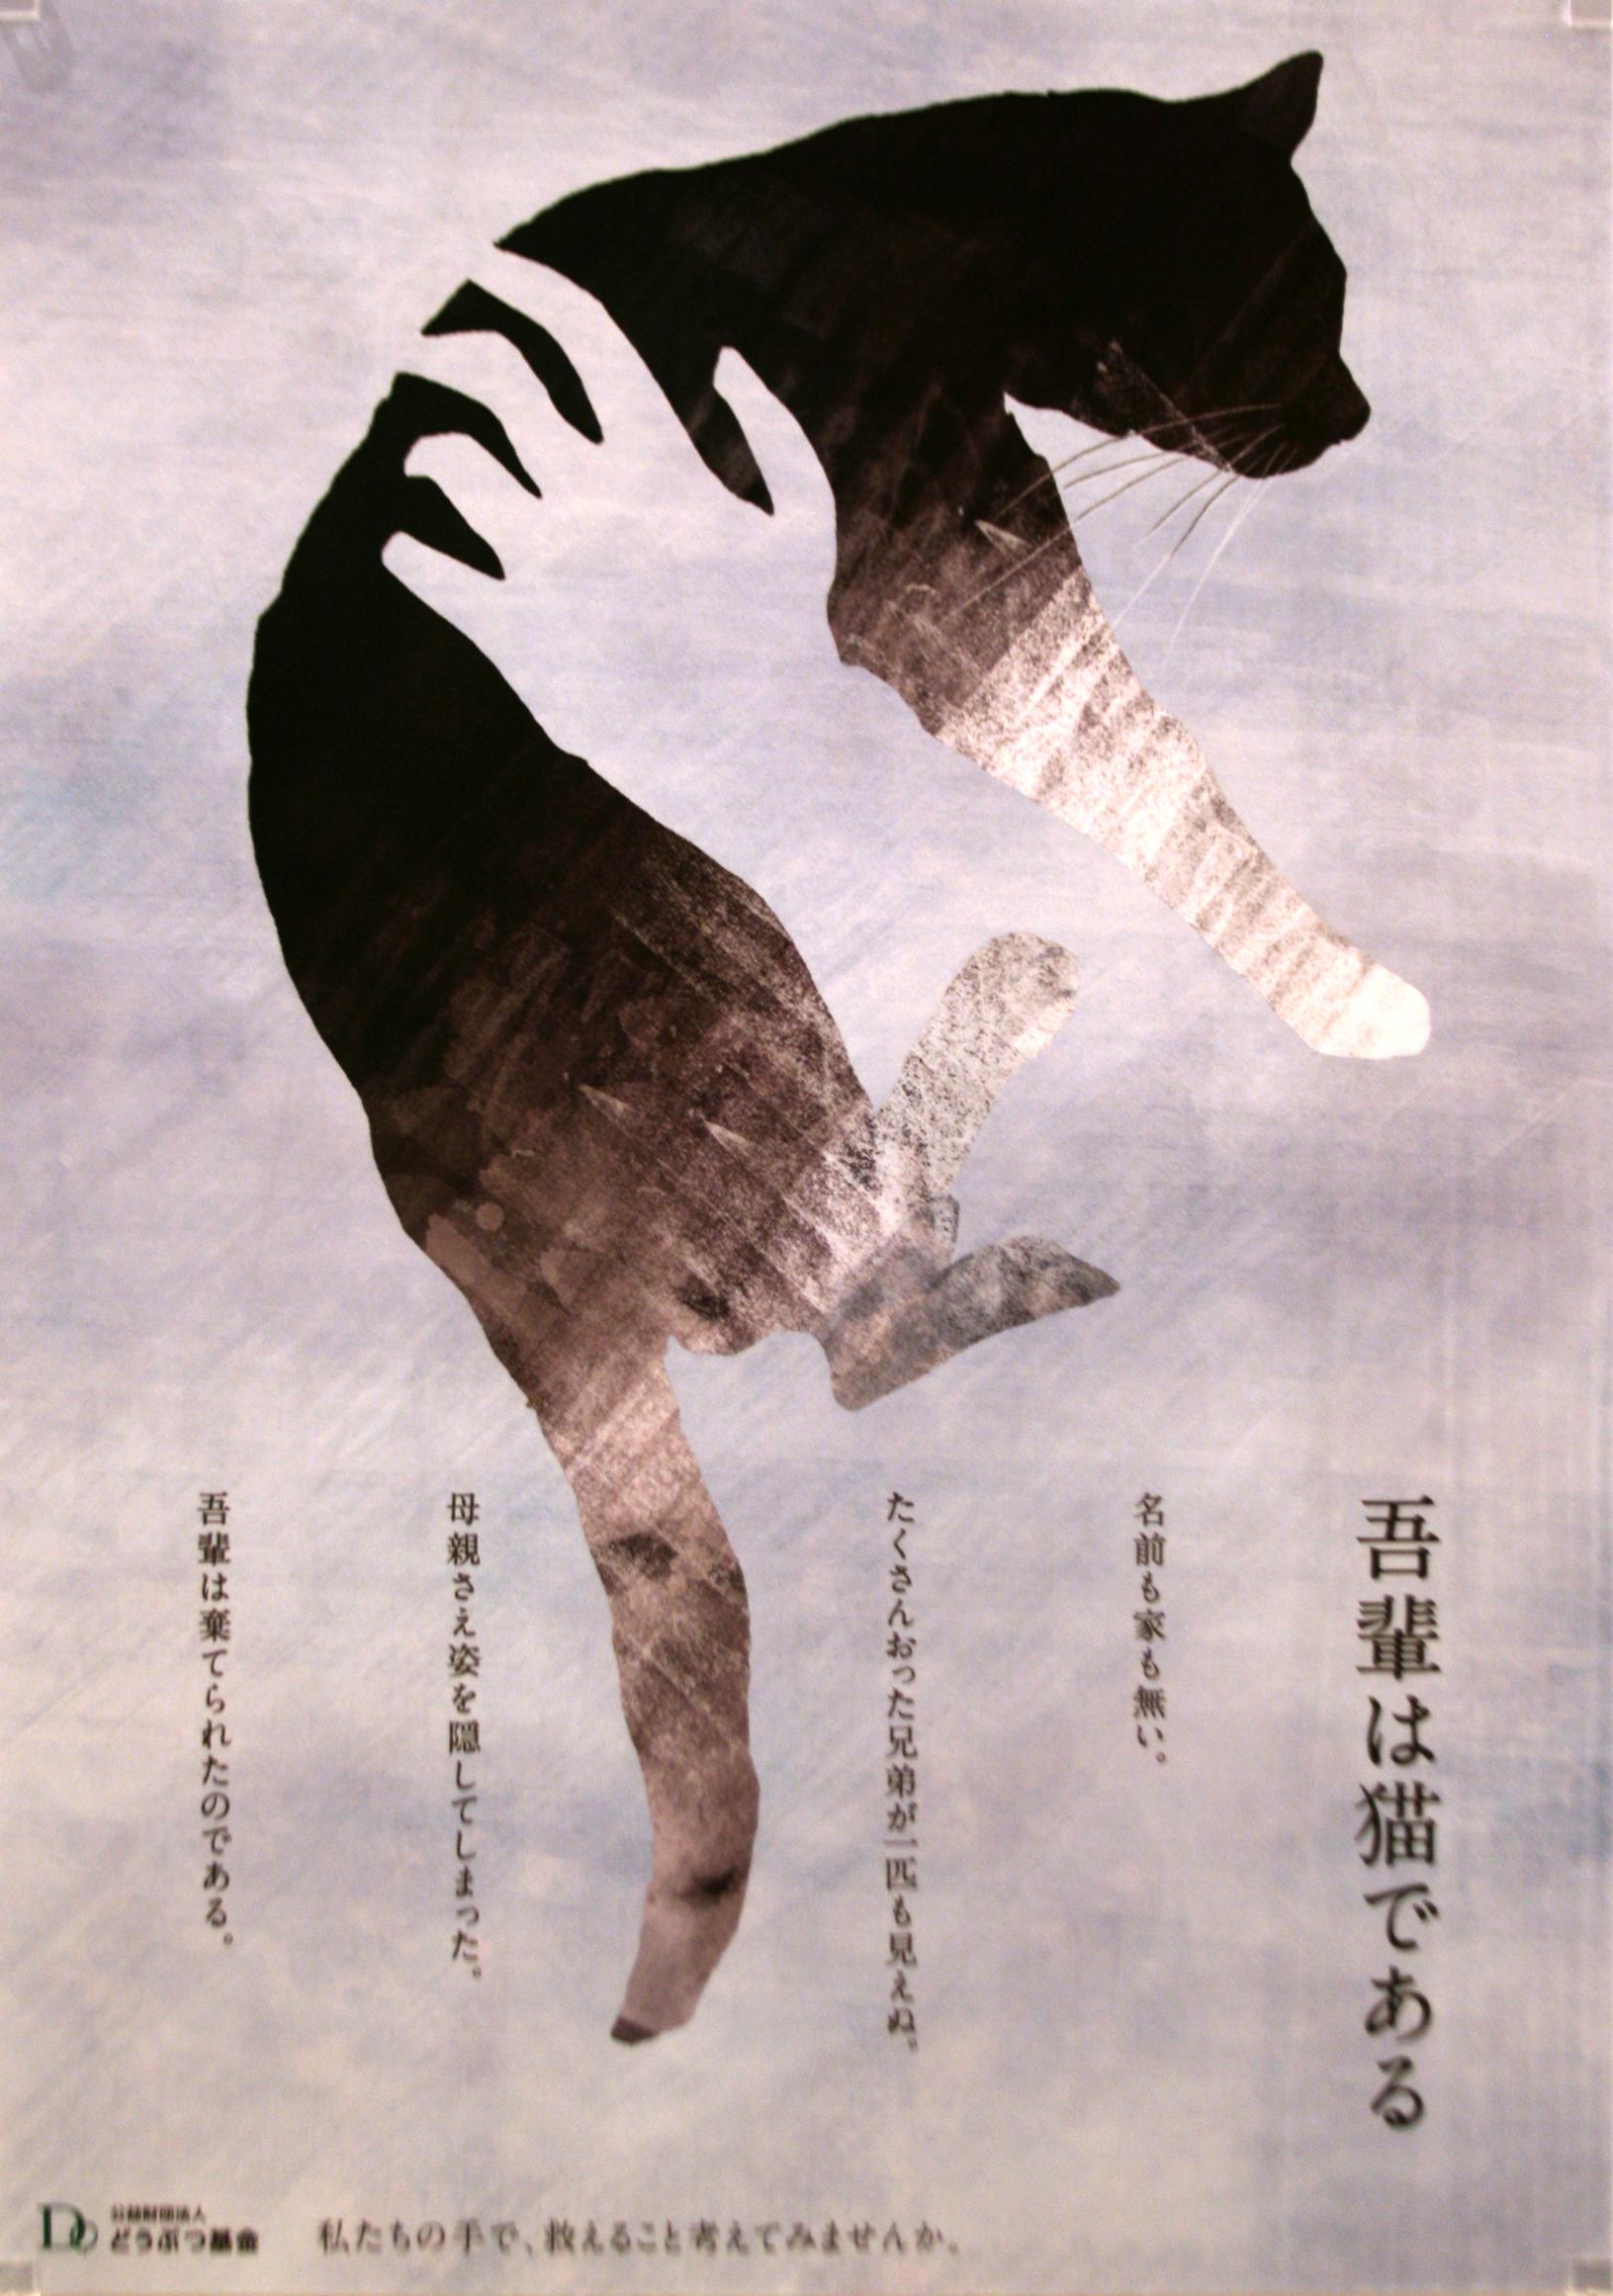 グラフィックデザイン 「 吾輩は猫である 」 古根川 紗希 作